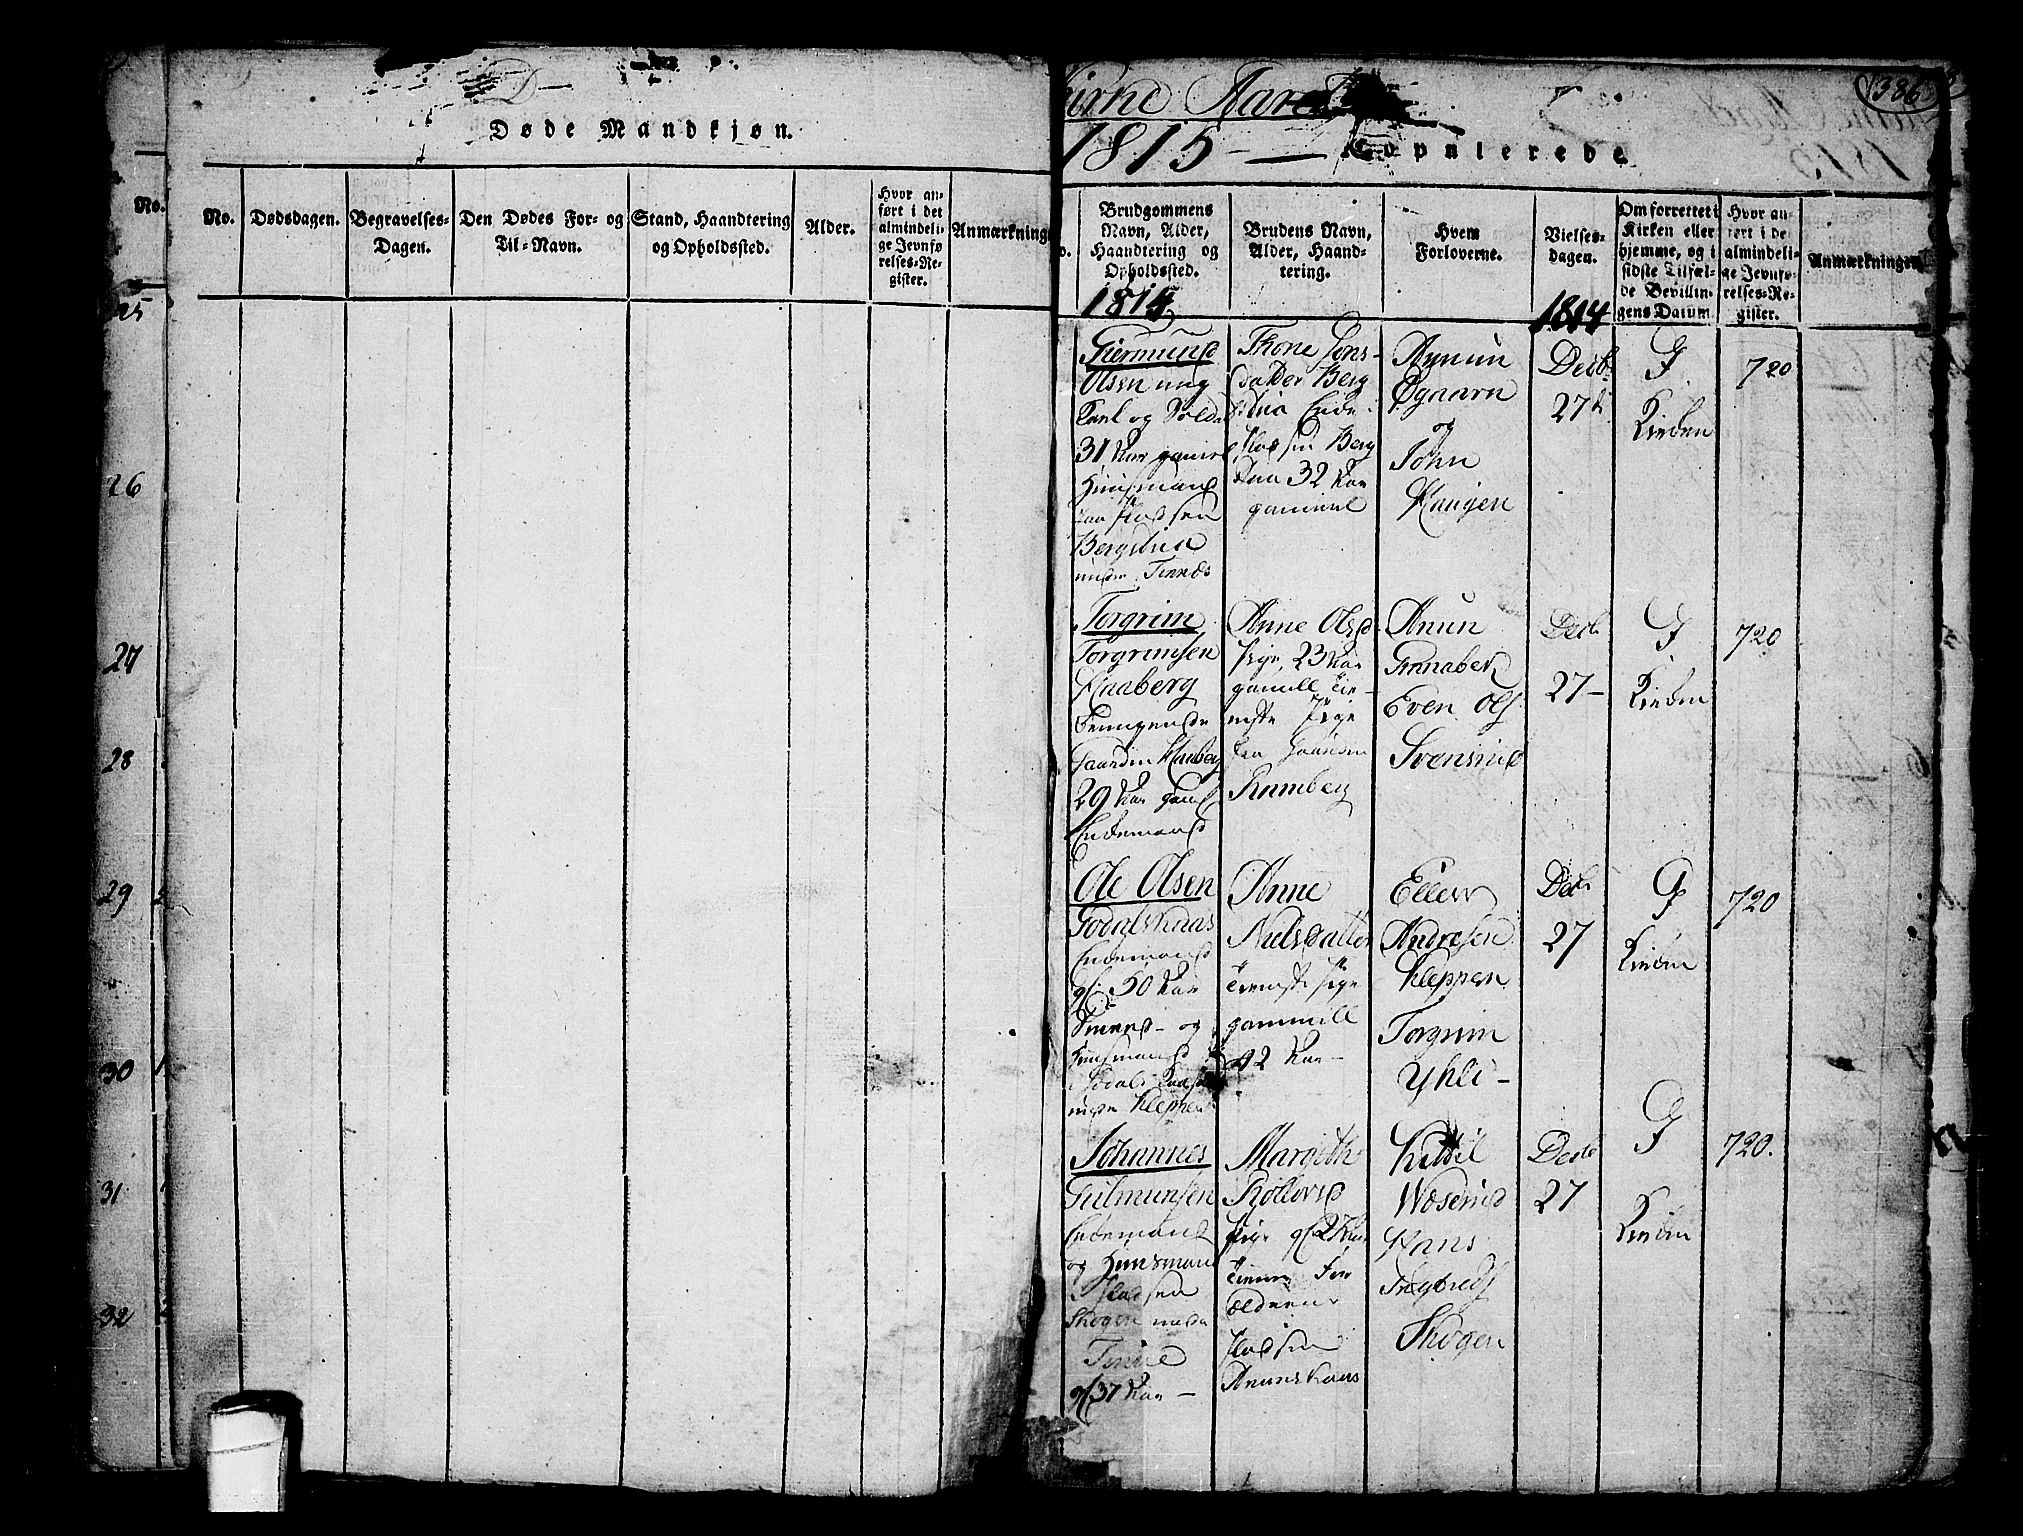 SAKO, Heddal kirkebøker, F/Fa/L0005: Ministerialbok nr. I 5, 1814-1837, s. 385-386